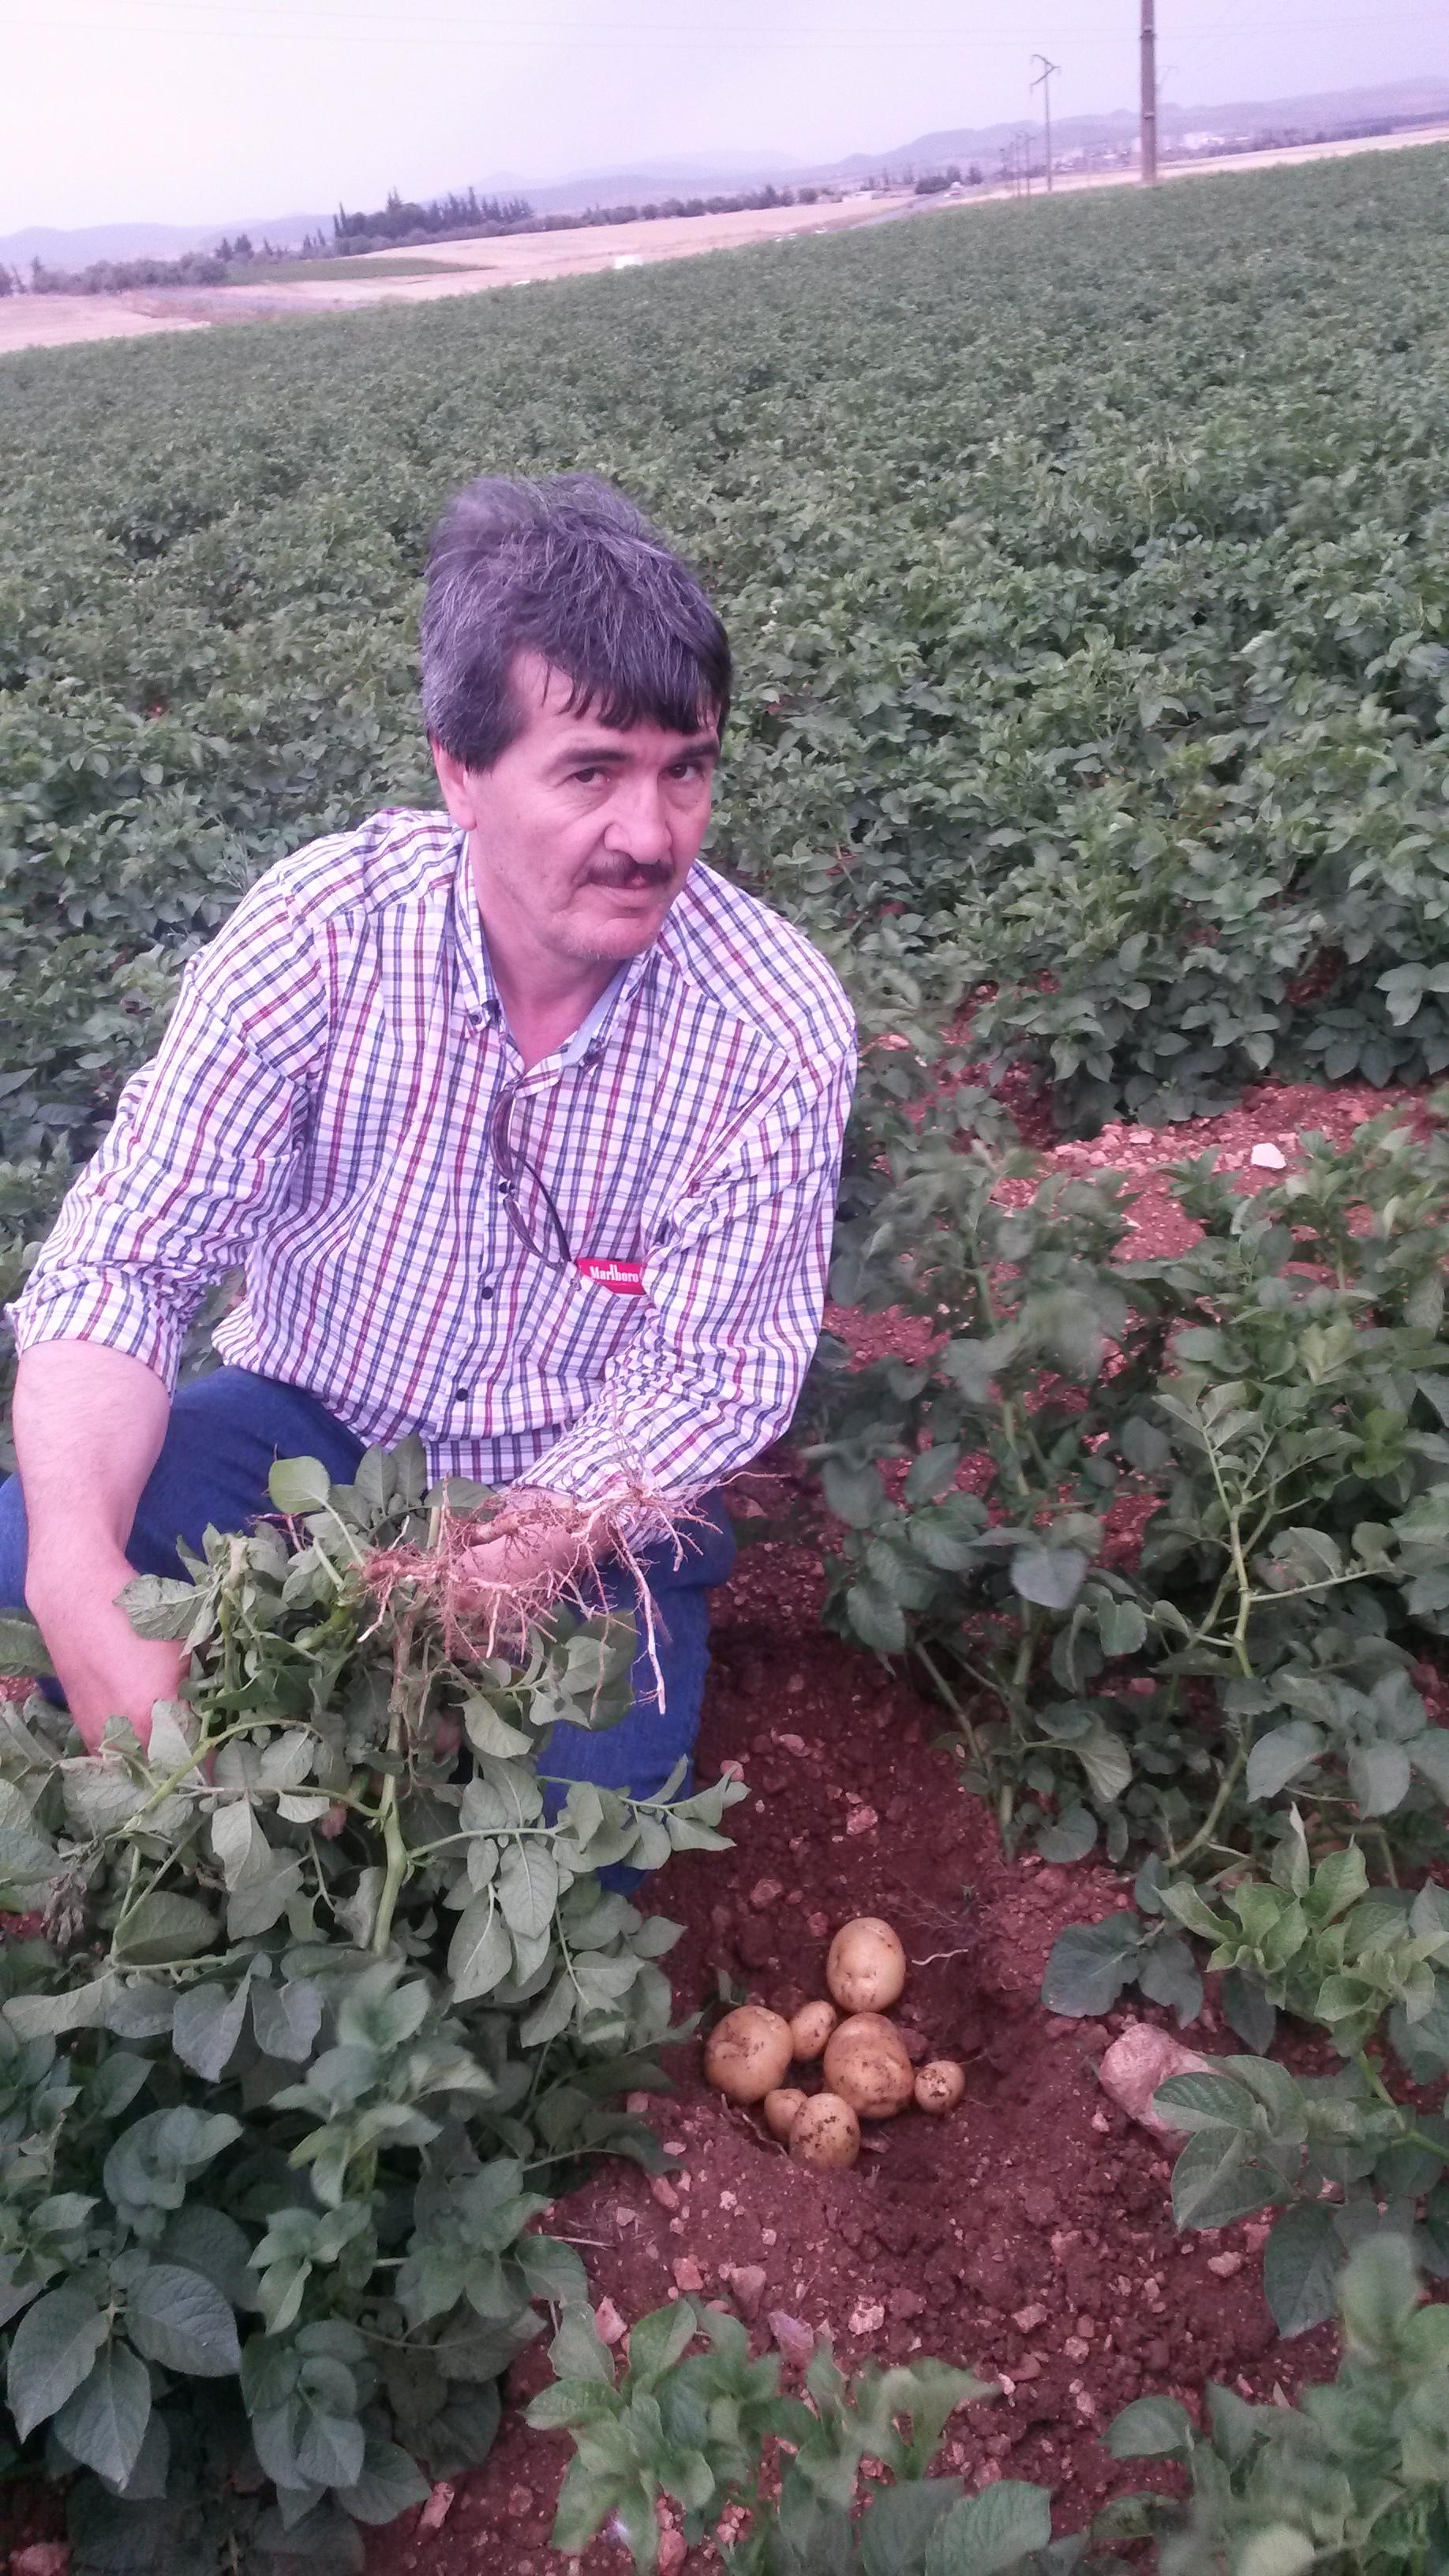 Farouk Slimani, présentant de l'Oceania à 70 jours de développement, dans la zone de Bouira.